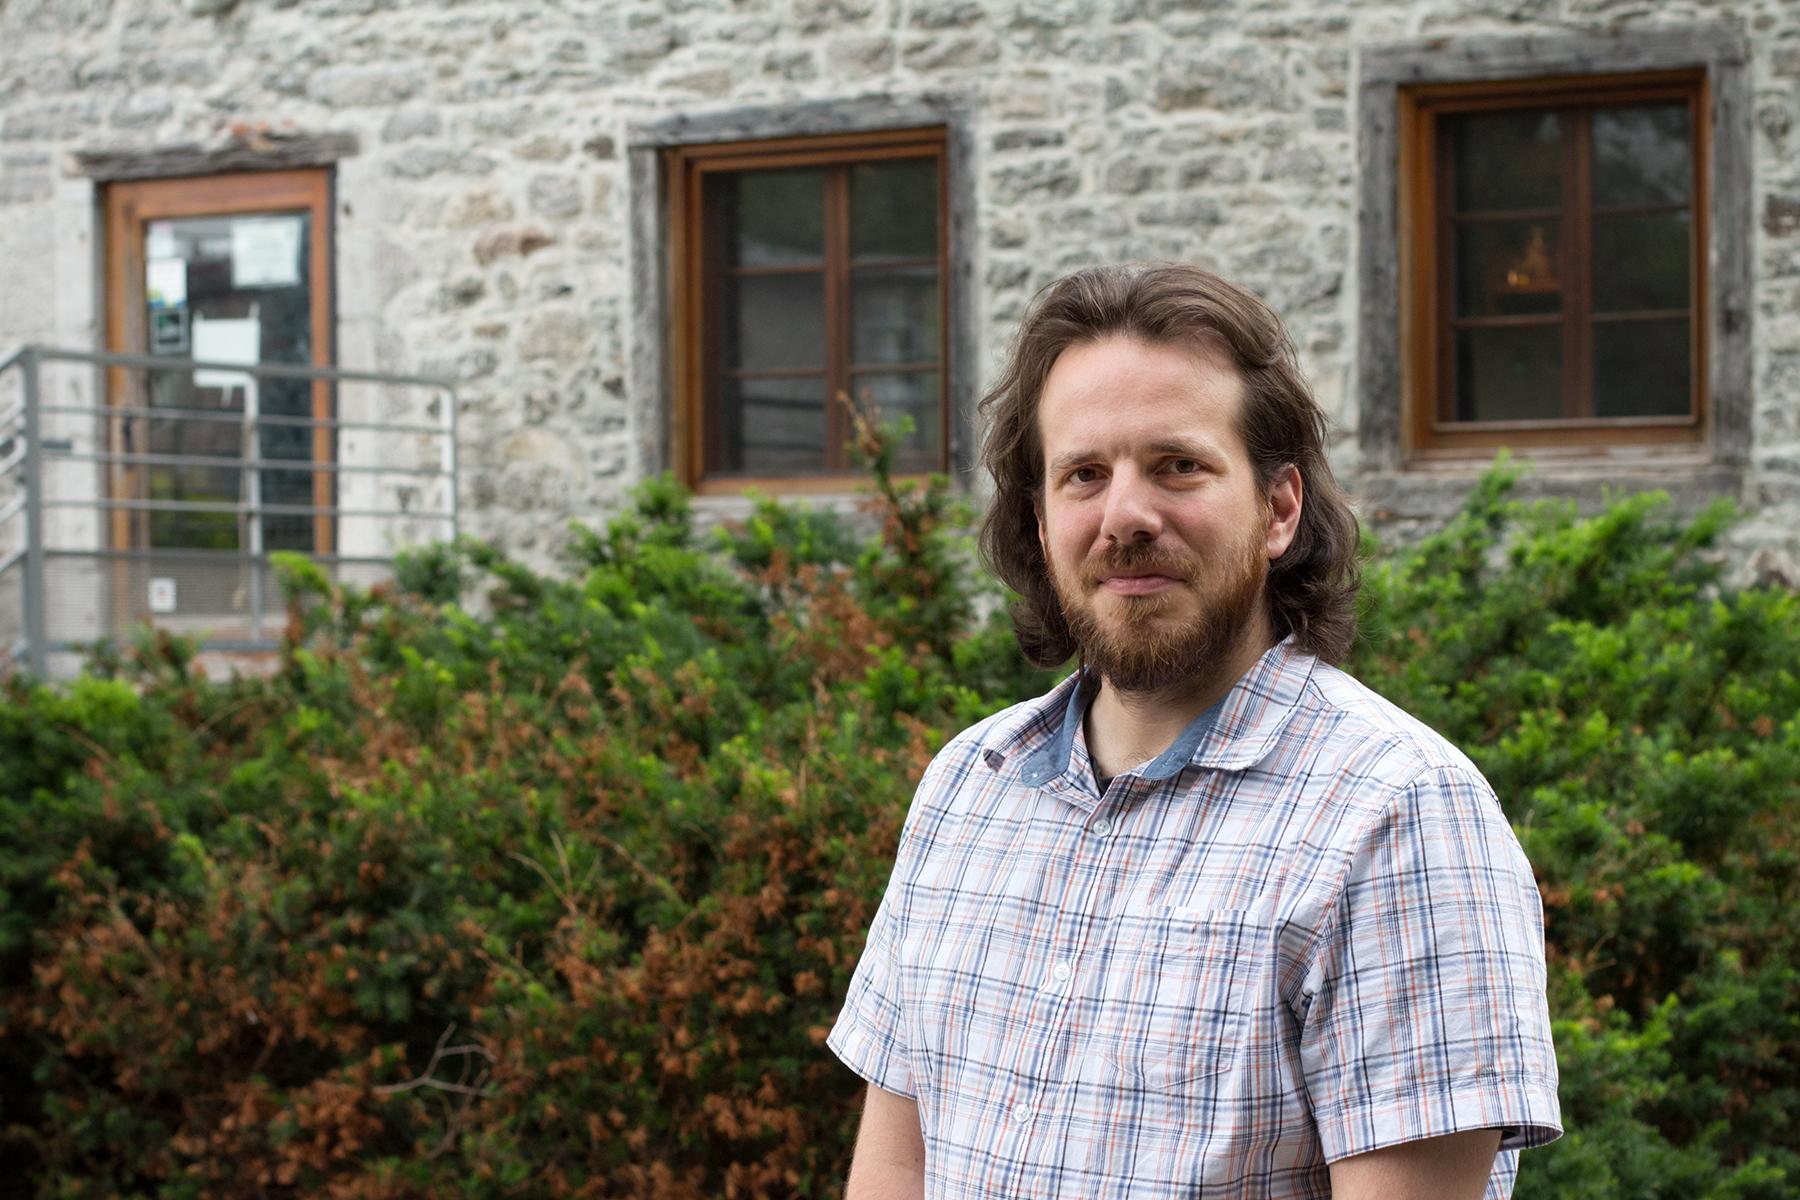 Vincent G. devant la maison du Meunier